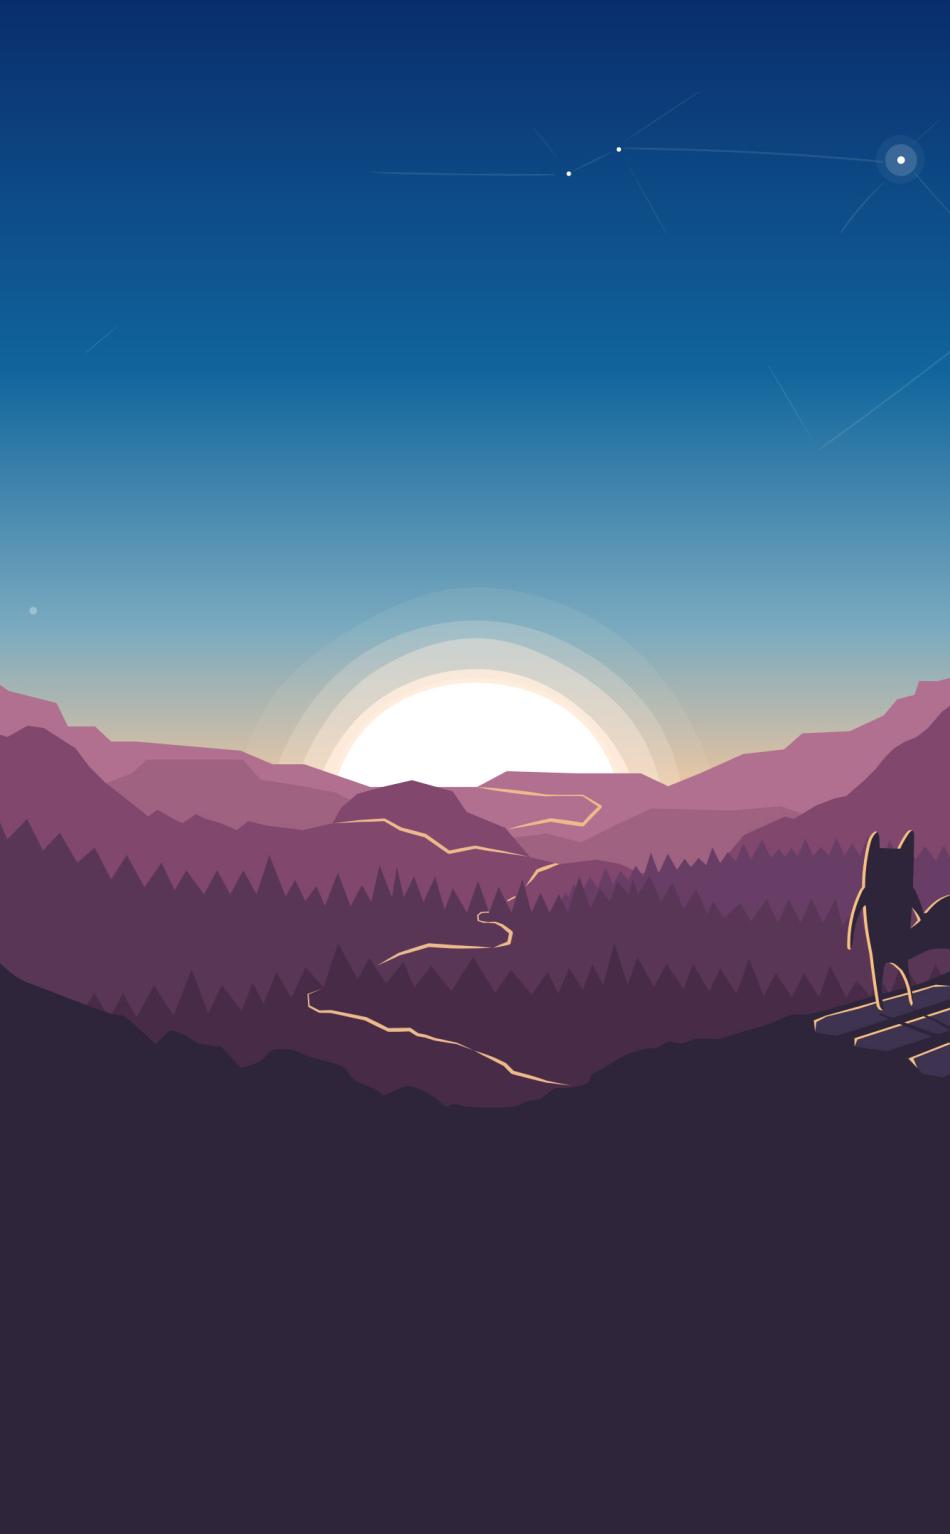 Download Fox Forest Minimalism 7680x4320 Resolution, HD 4K ...